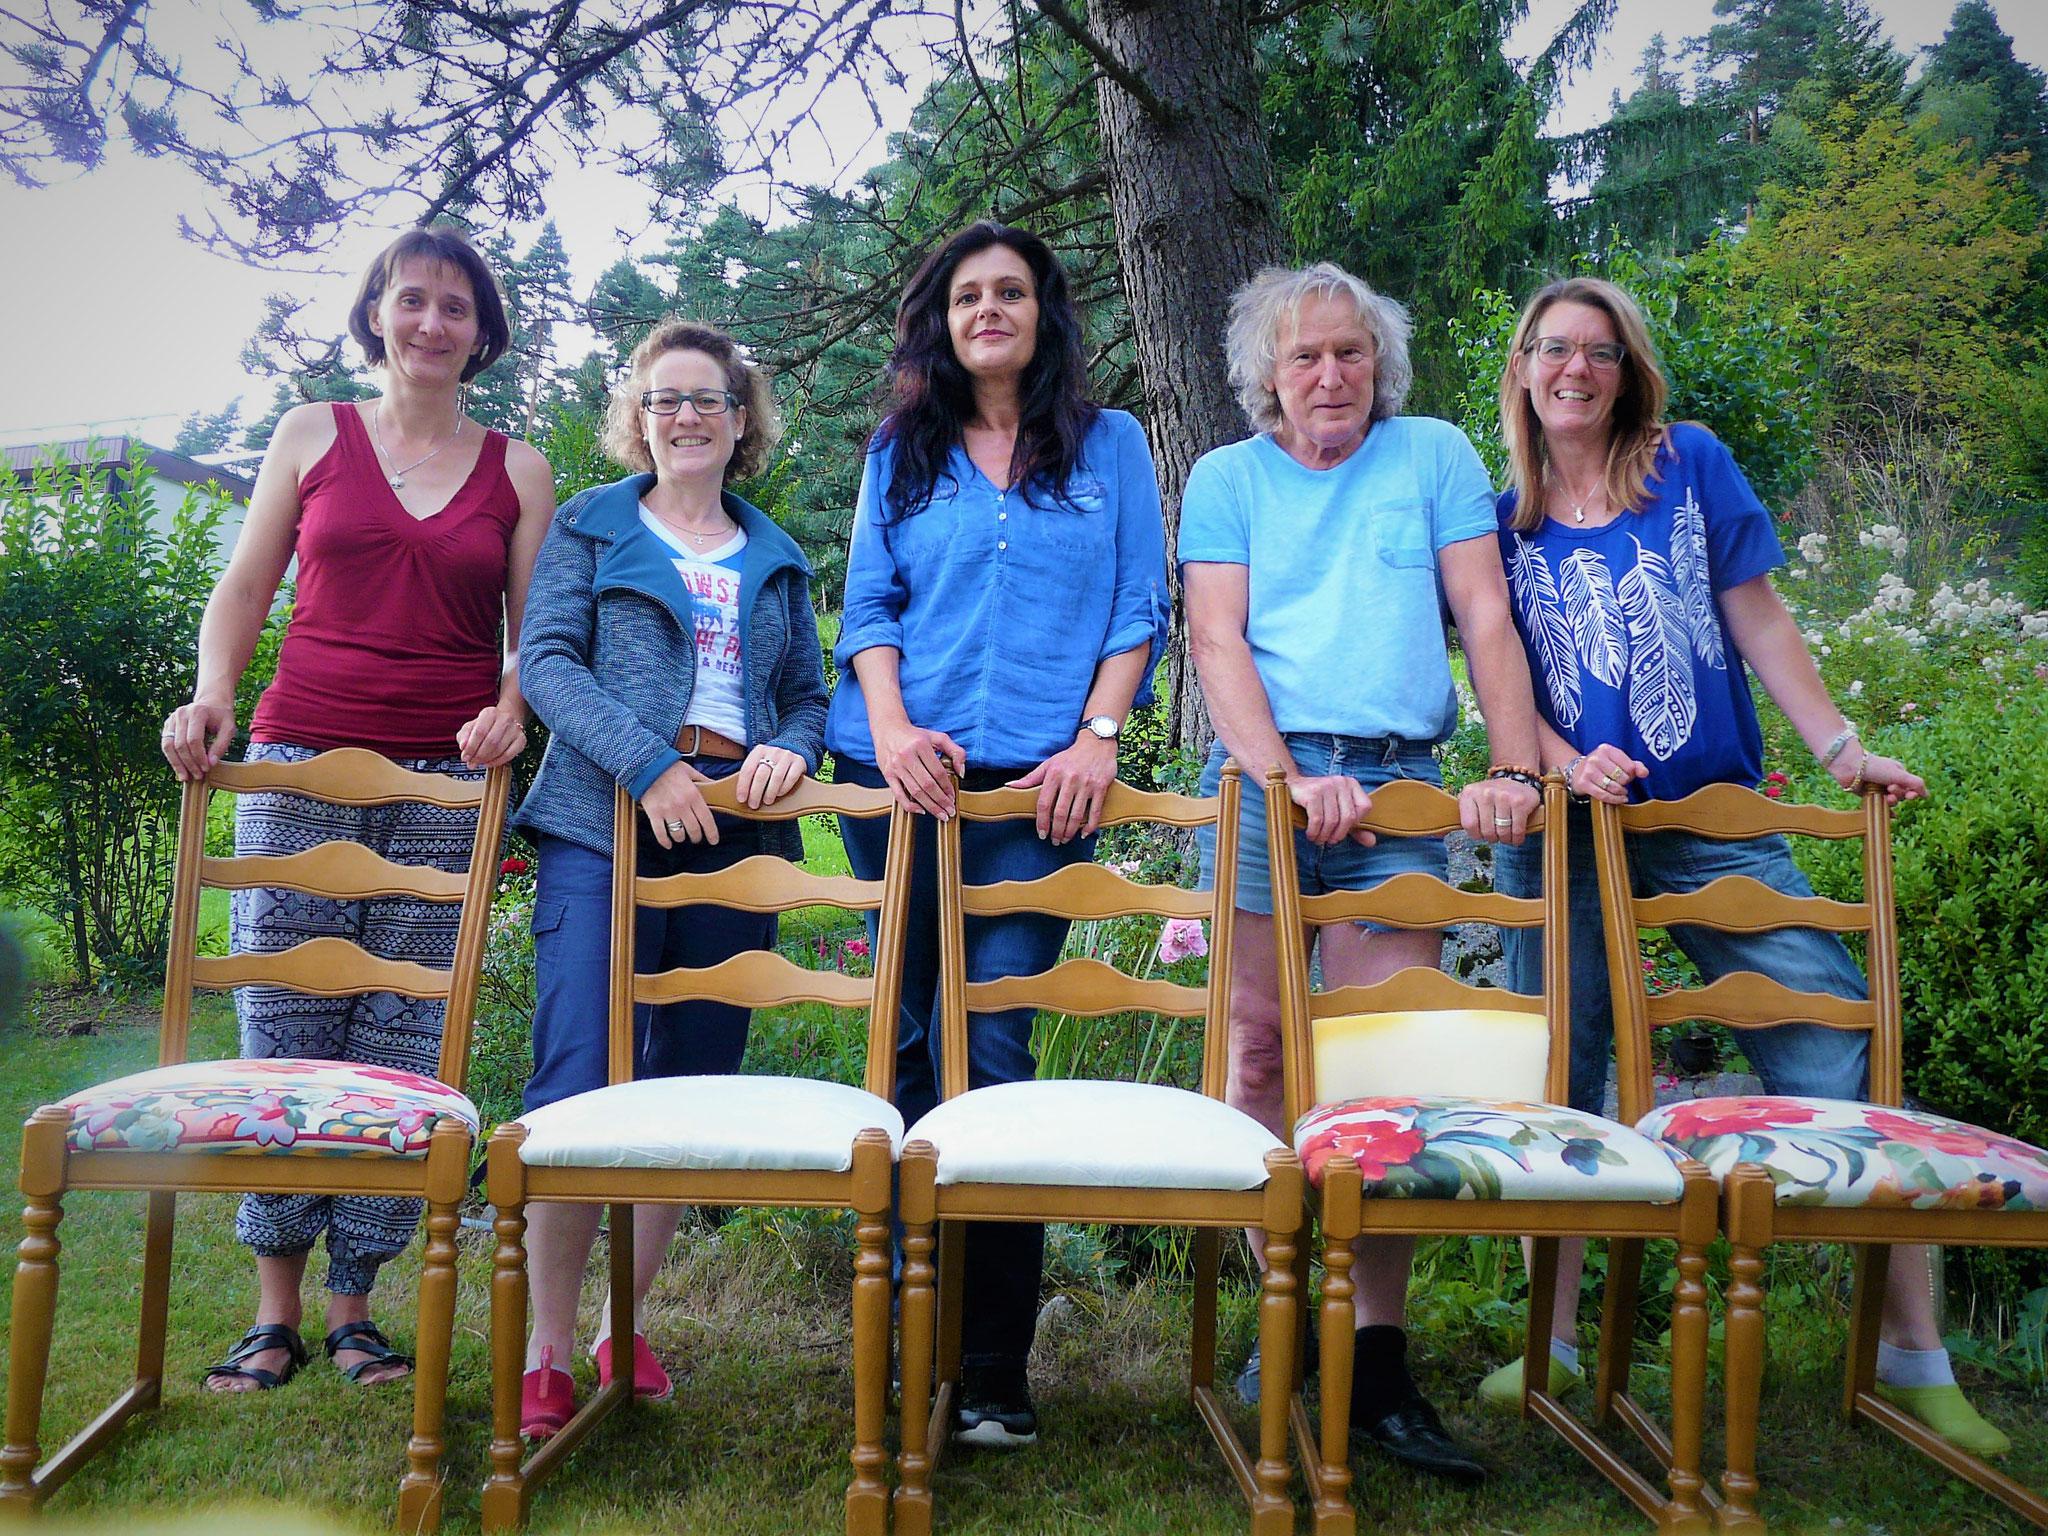 Die stolze Werkel-Crew... mit ihren Stühlen und...